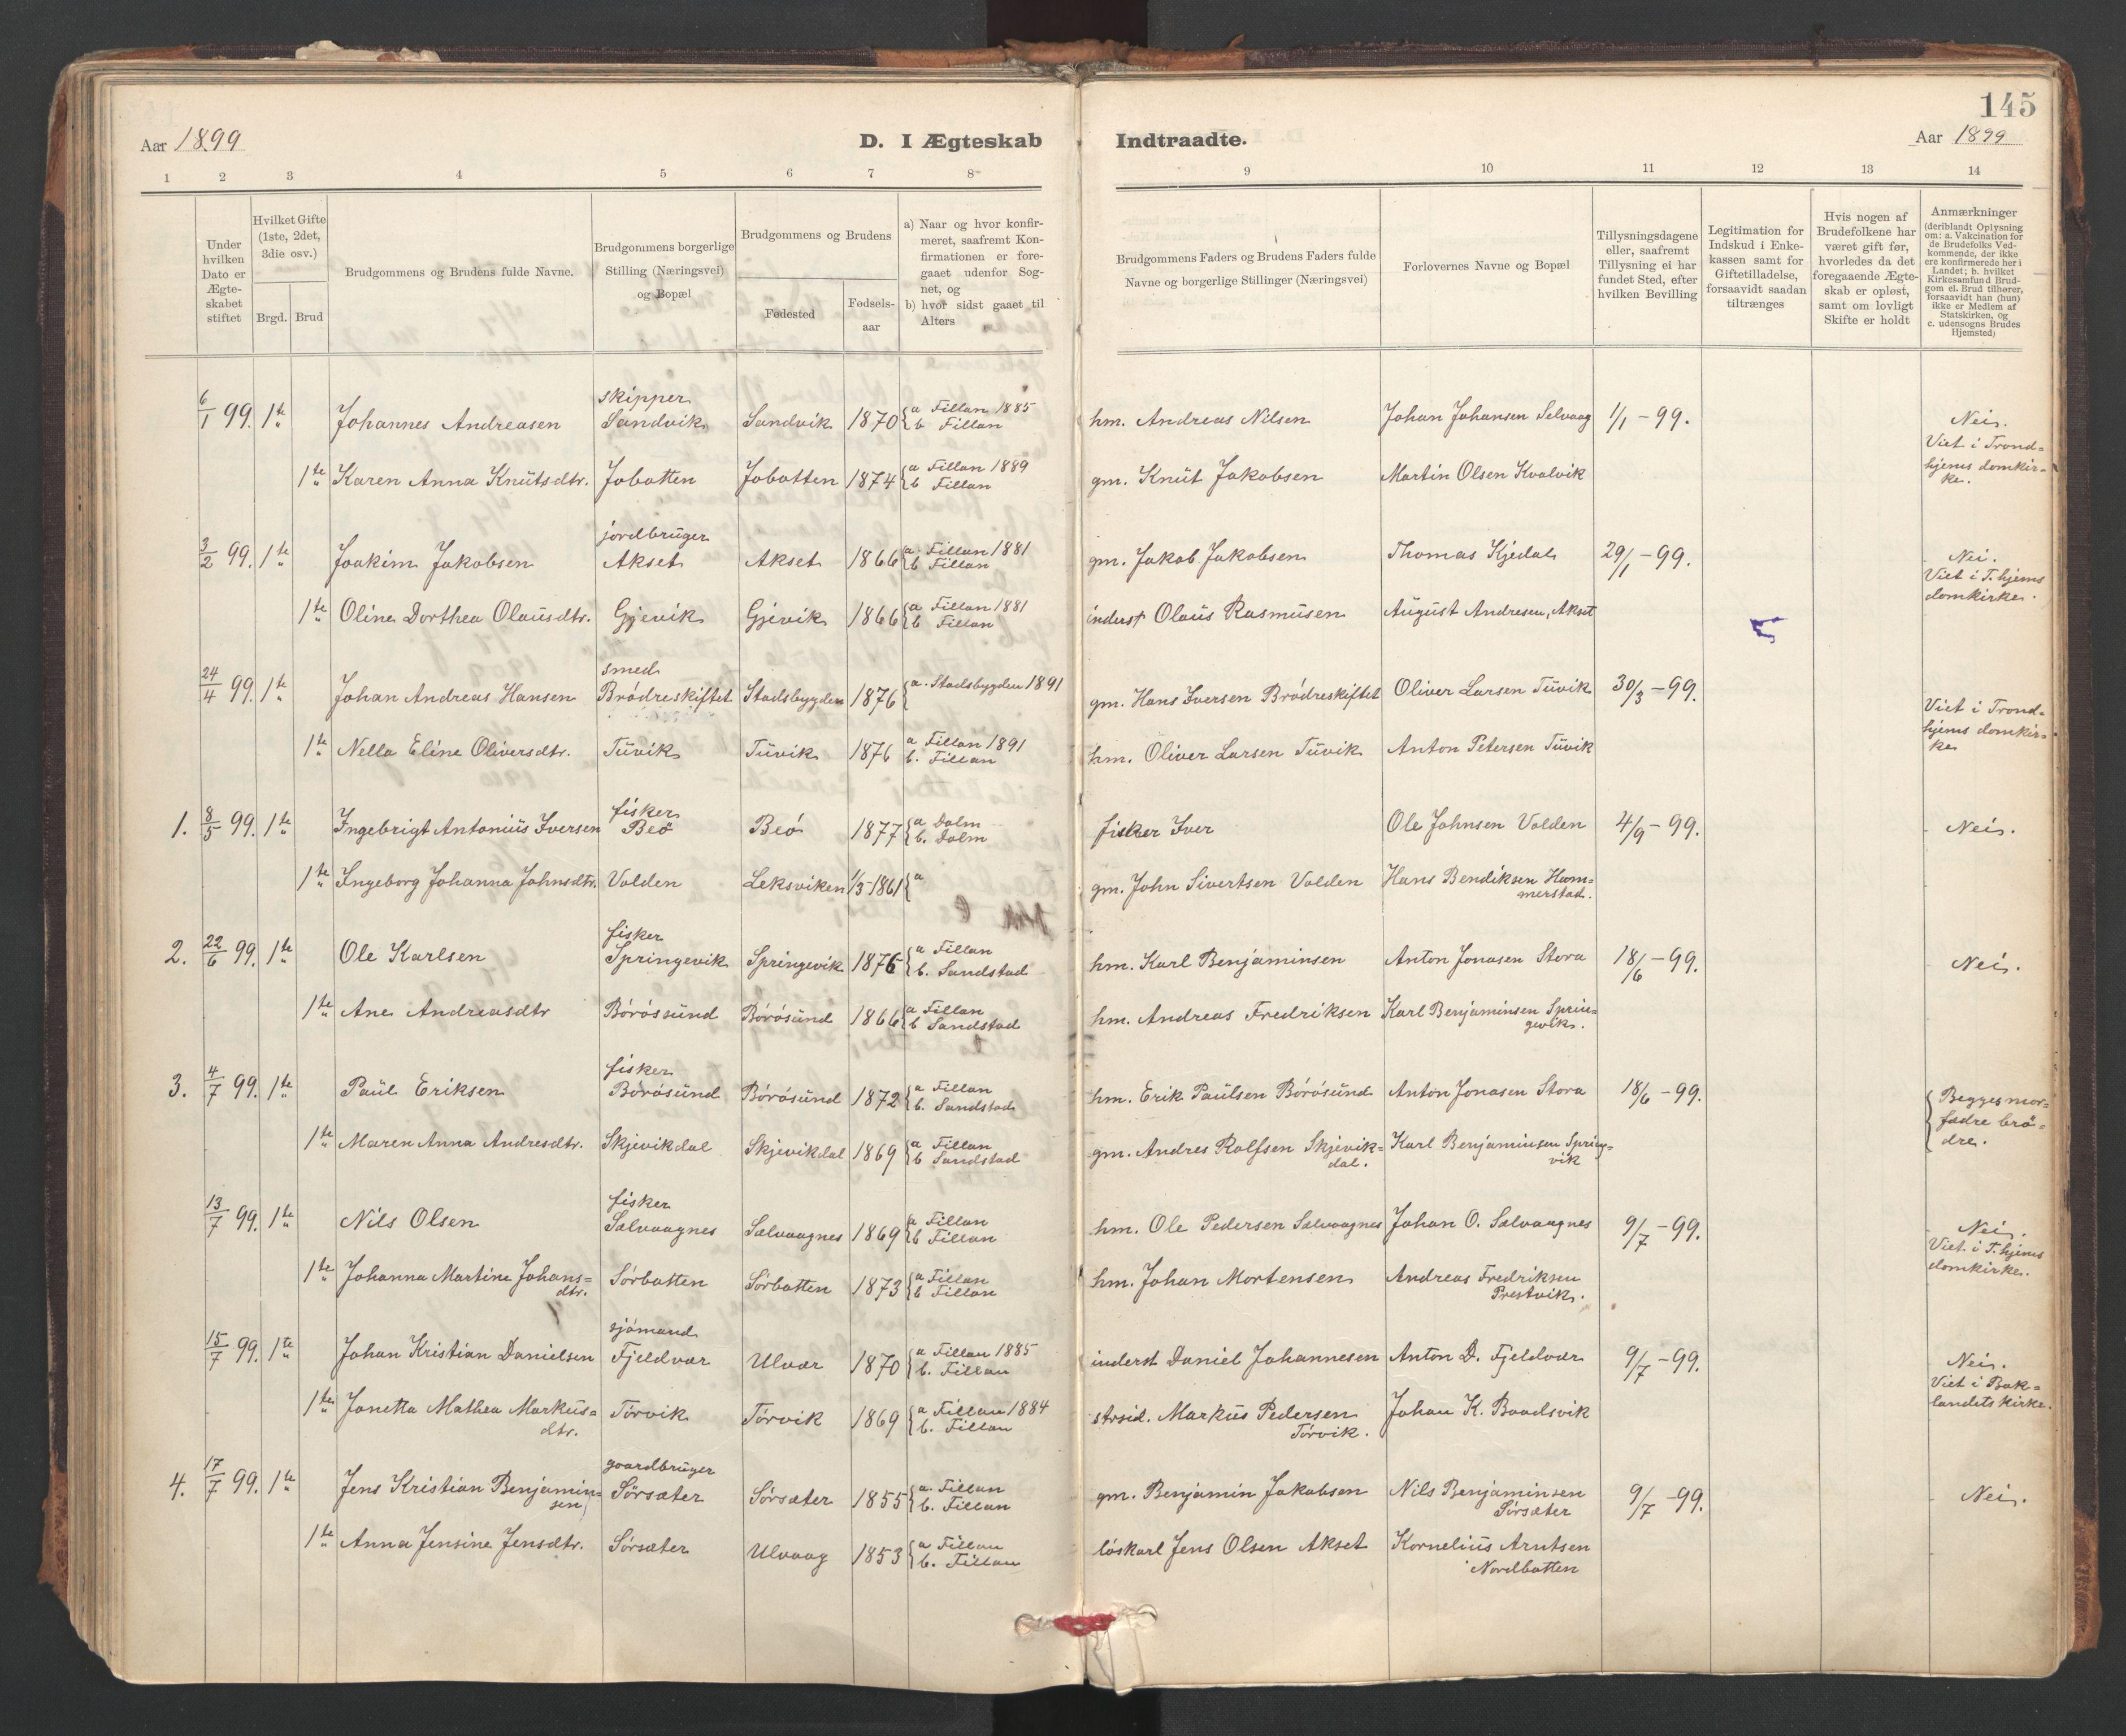 SAT, Ministerialprotokoller, klokkerbøker og fødselsregistre - Sør-Trøndelag, 637/L0559: Ministerialbok nr. 637A02, 1899-1923, s. 145